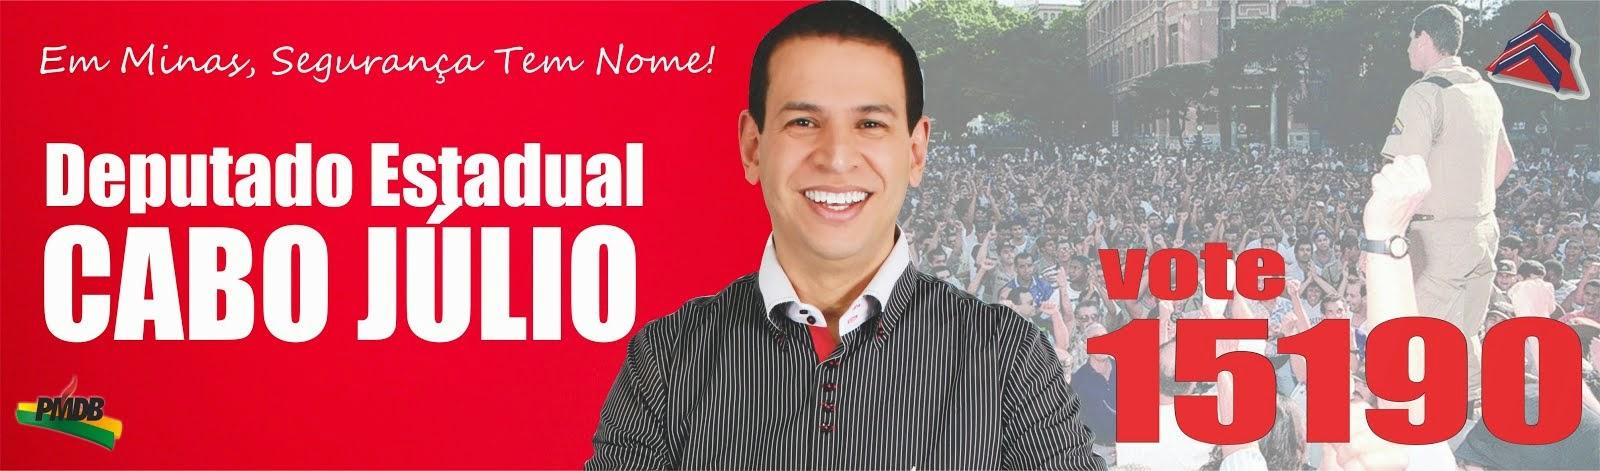 BLOG OFICIAL DO CABO JÚLIO